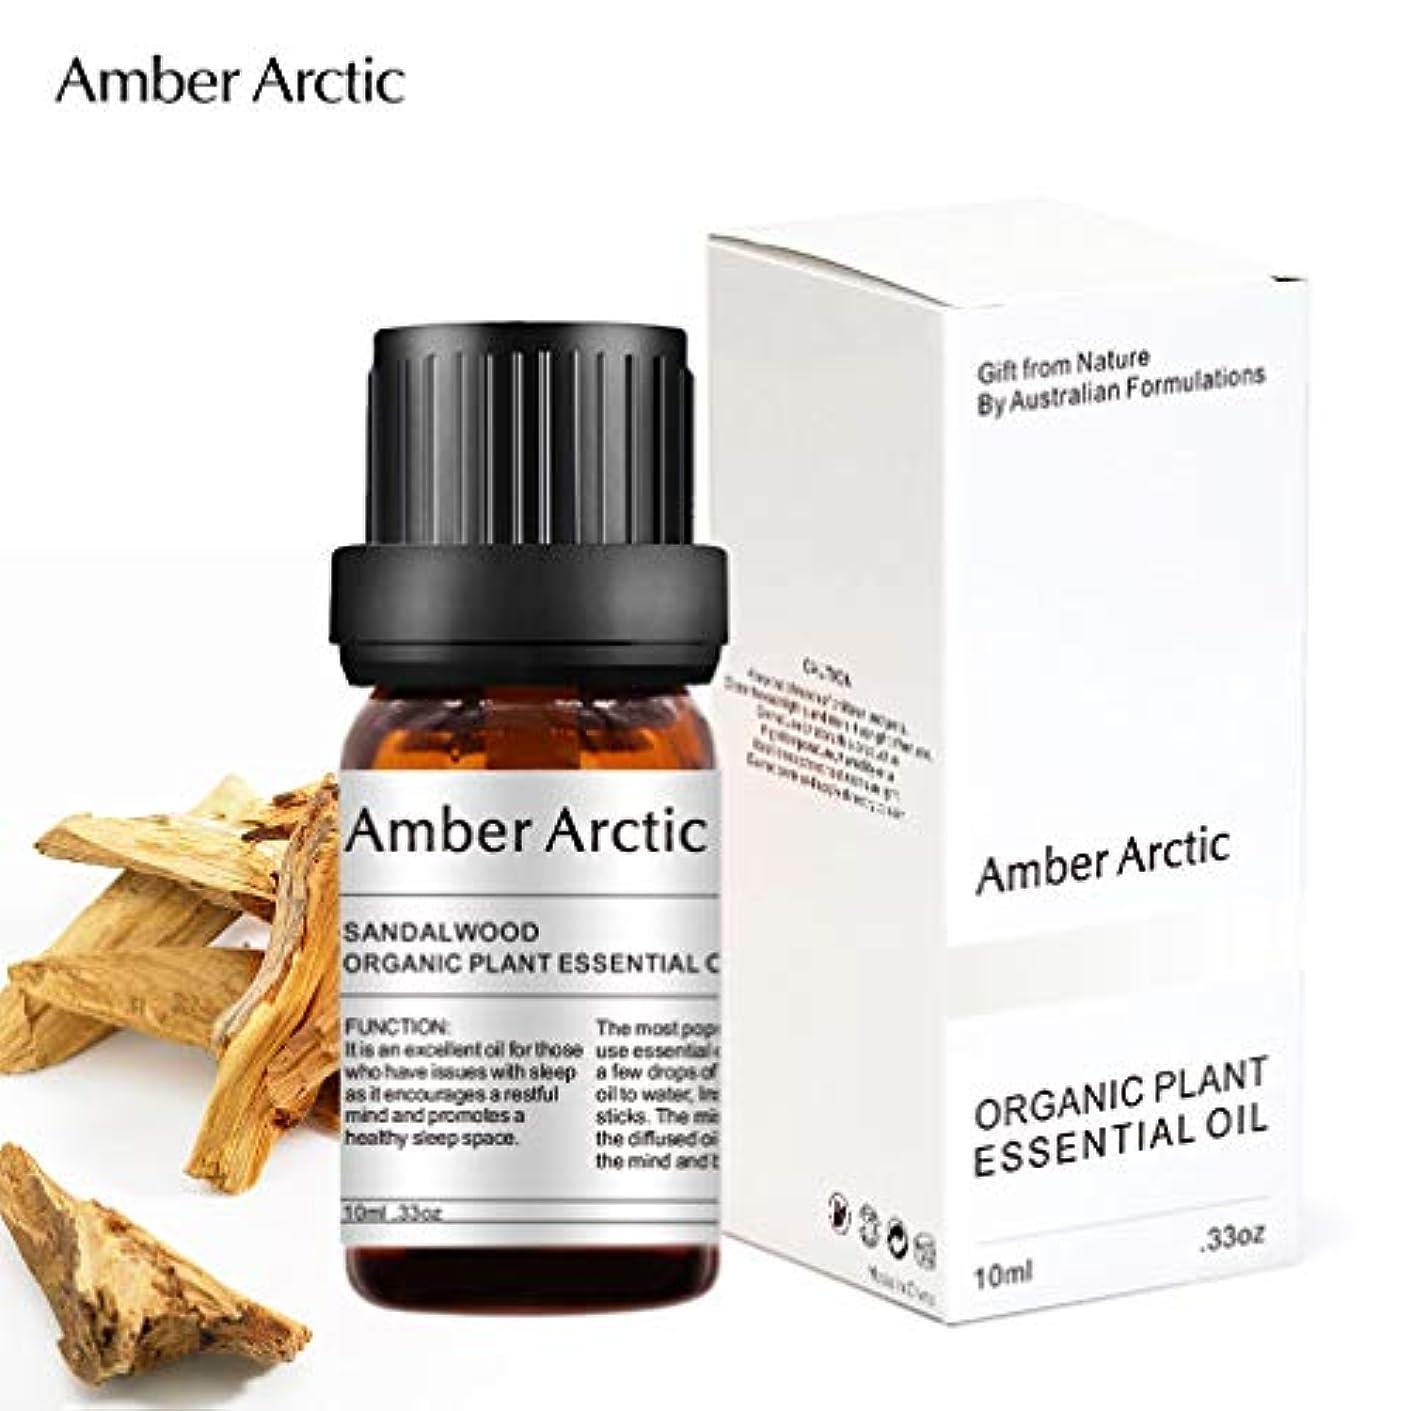 円形の貢献する側面Amber Arctic サンダルウッド エッセンシャル オイル、100% ピュア ナチュラル アロマセラピー サンダルウッド オイル スプレッド 用 (10ML) サンダルウッド